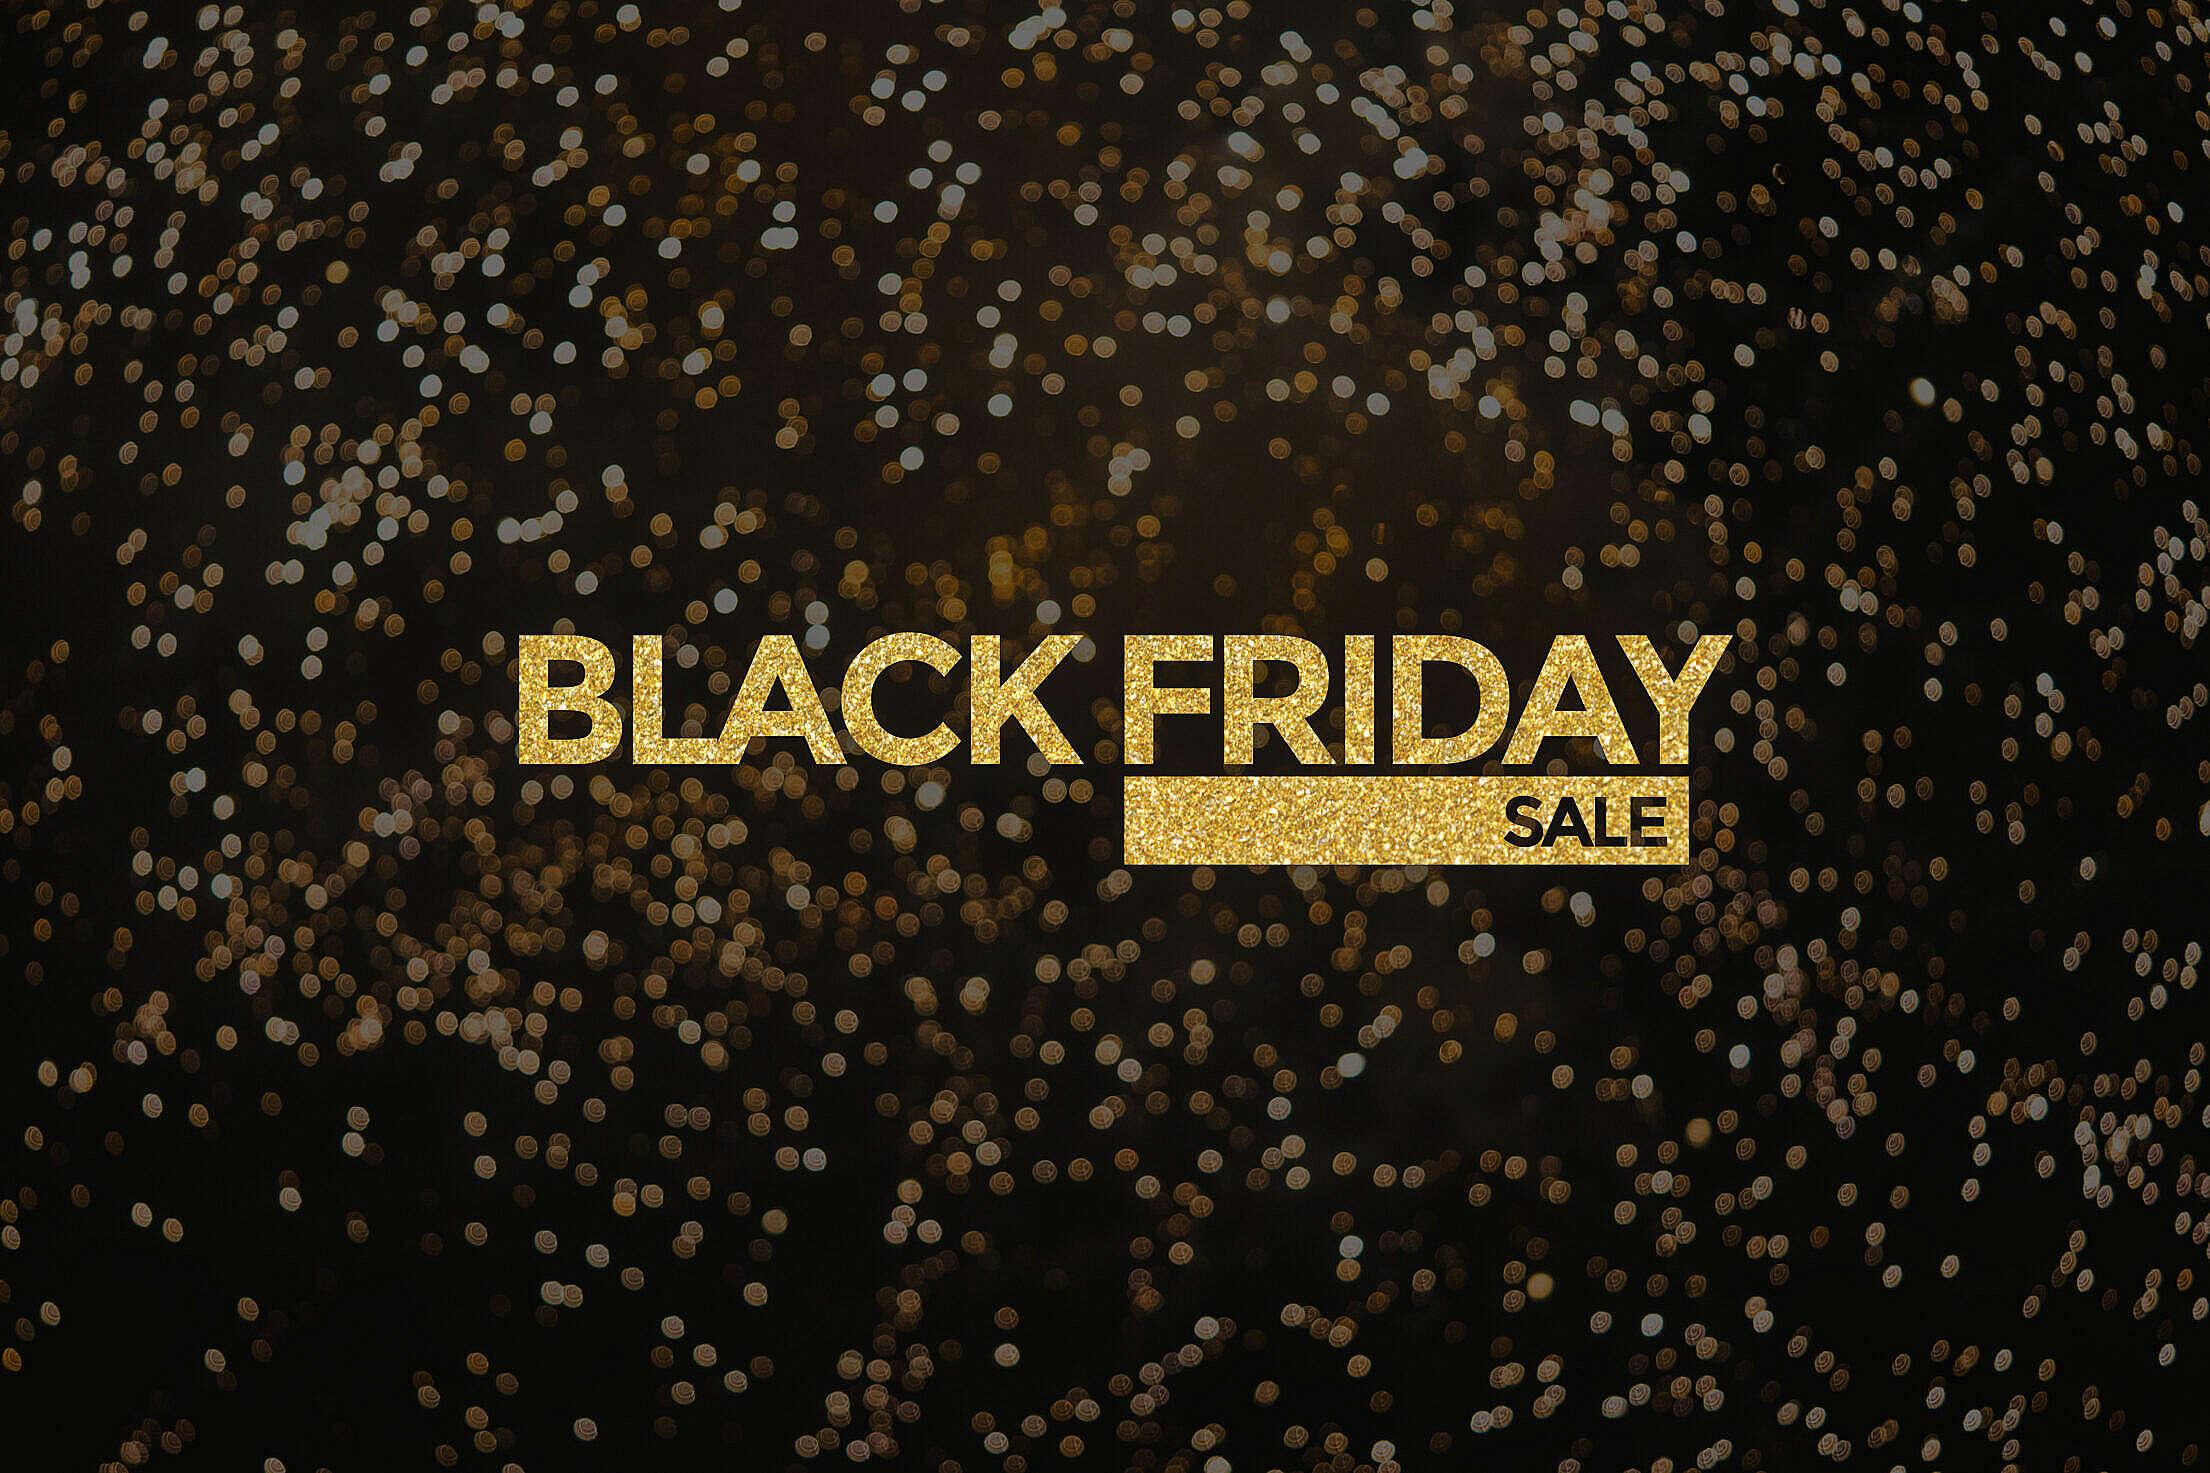 Black Friday Golden Bling Bling Visual Free Stock Photo